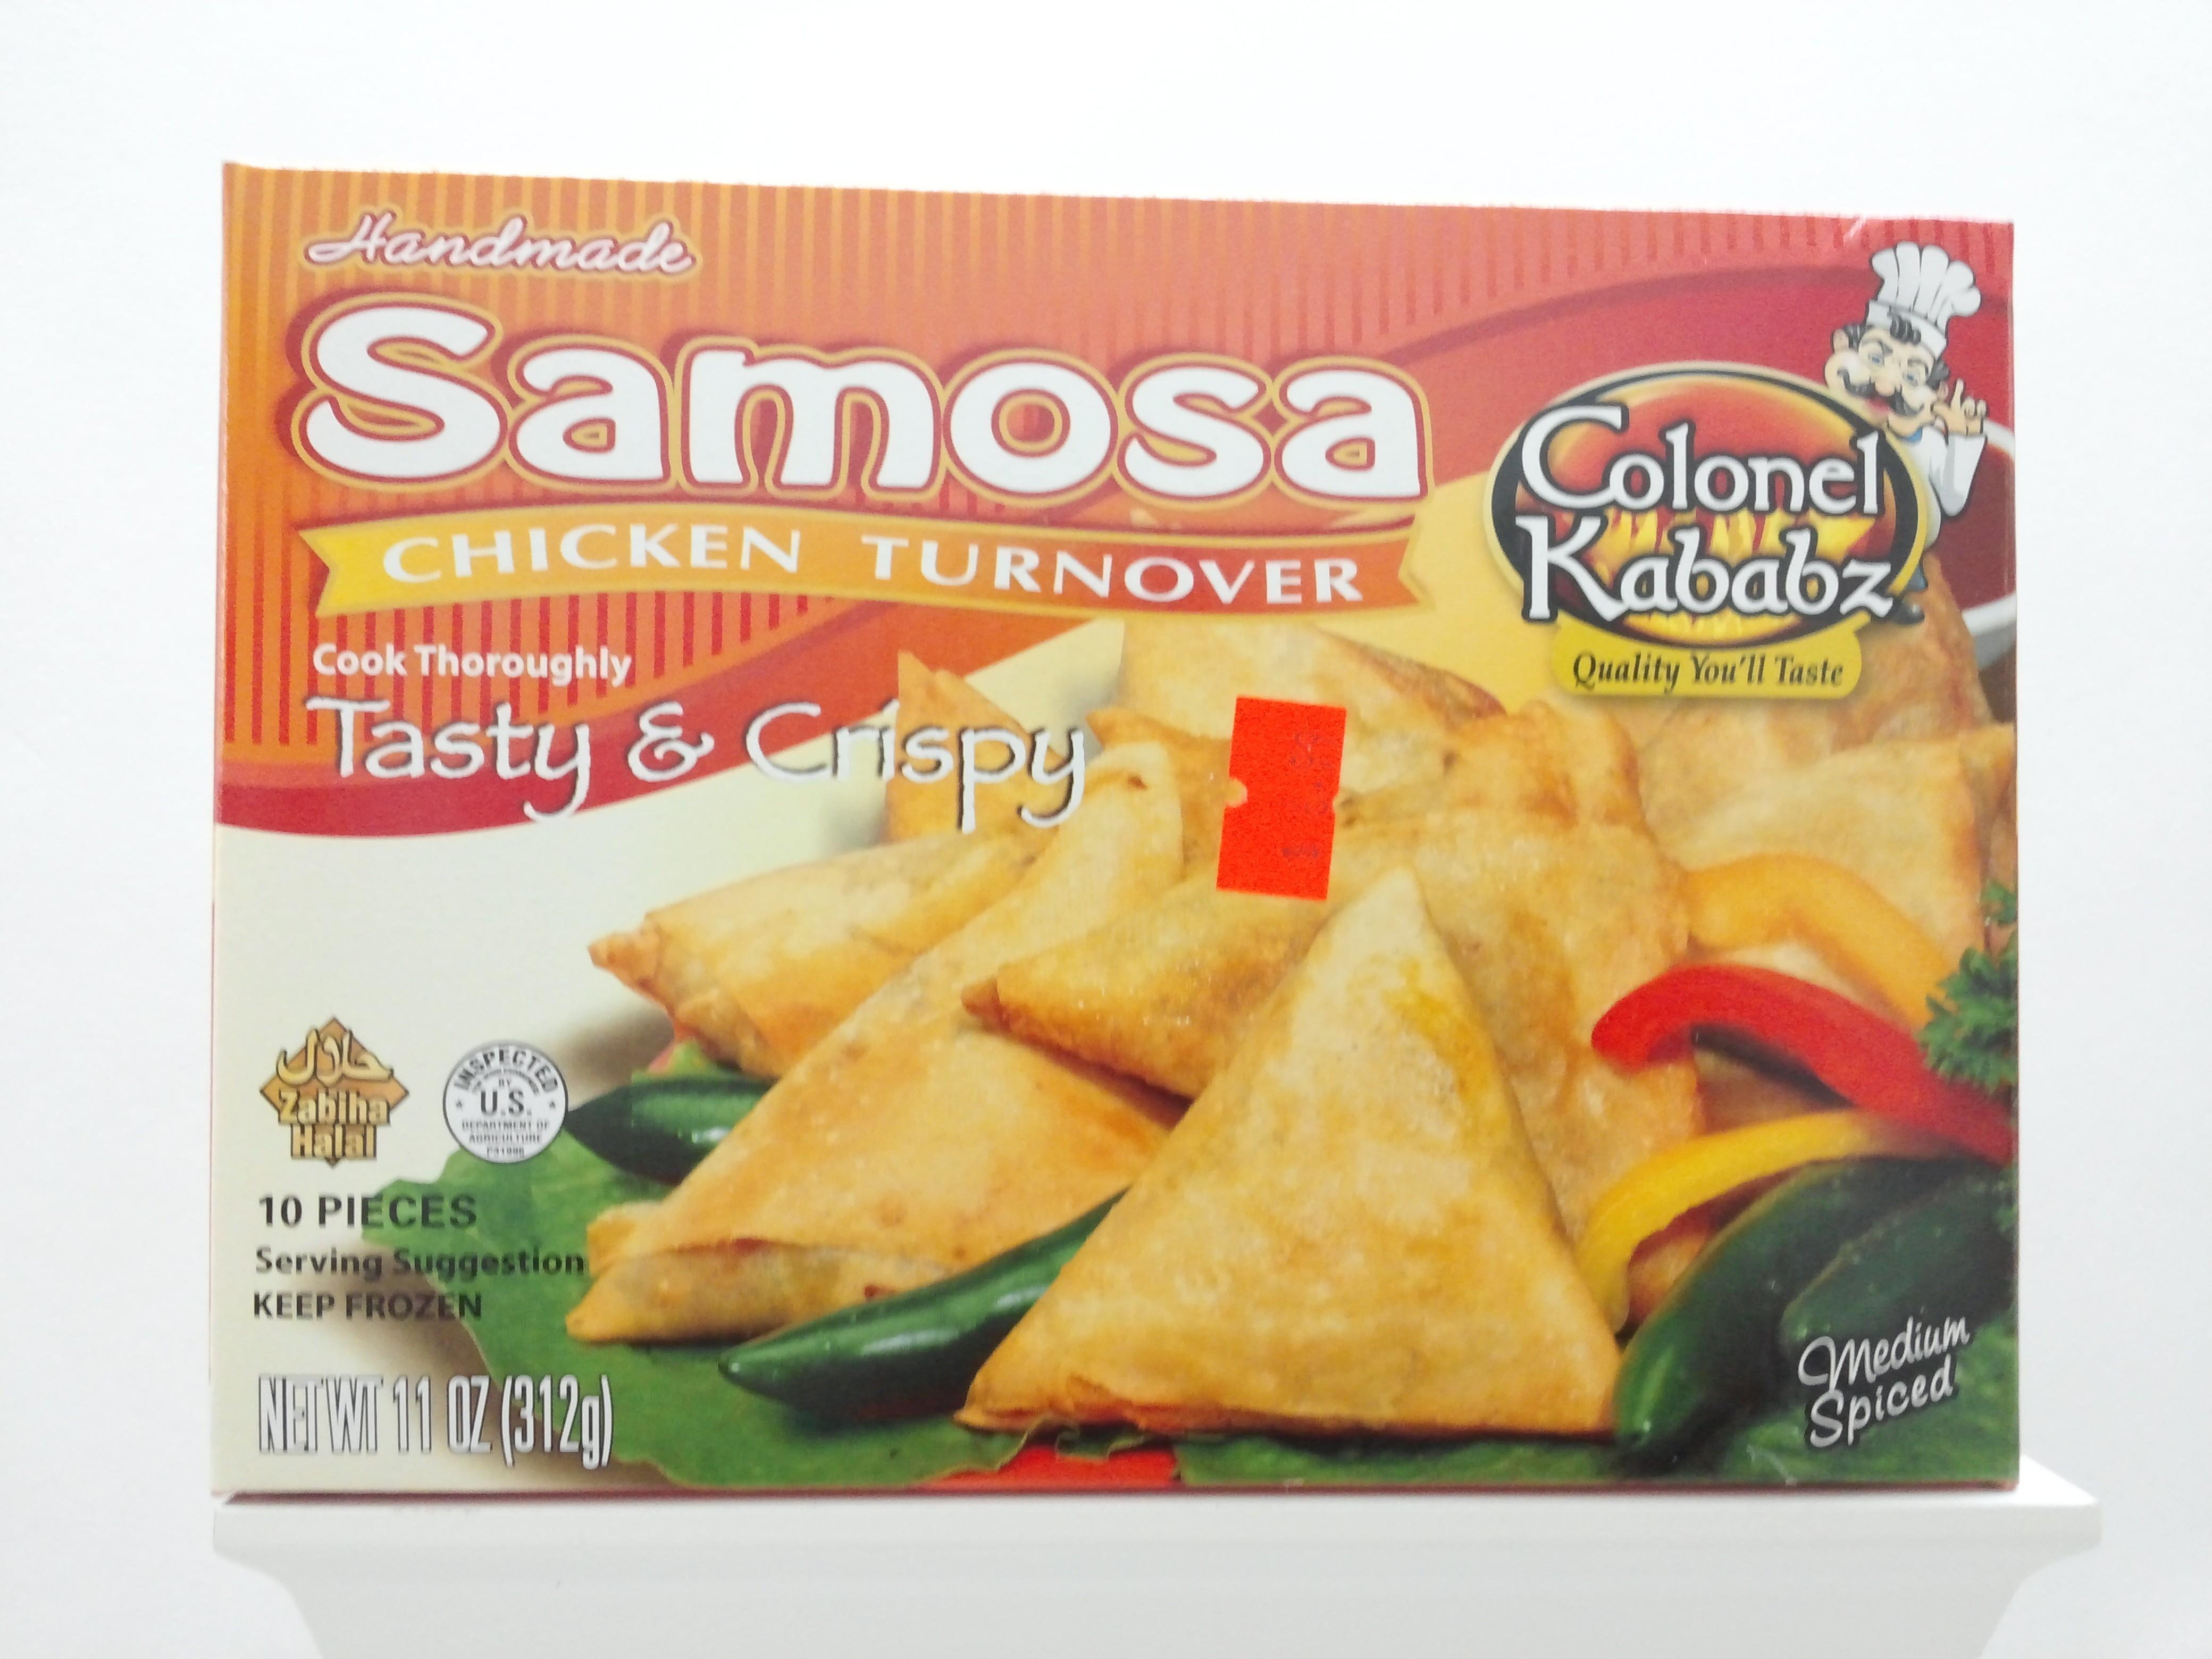 Colonel Samosa Chicken Turnover 10 pcs 11 oz